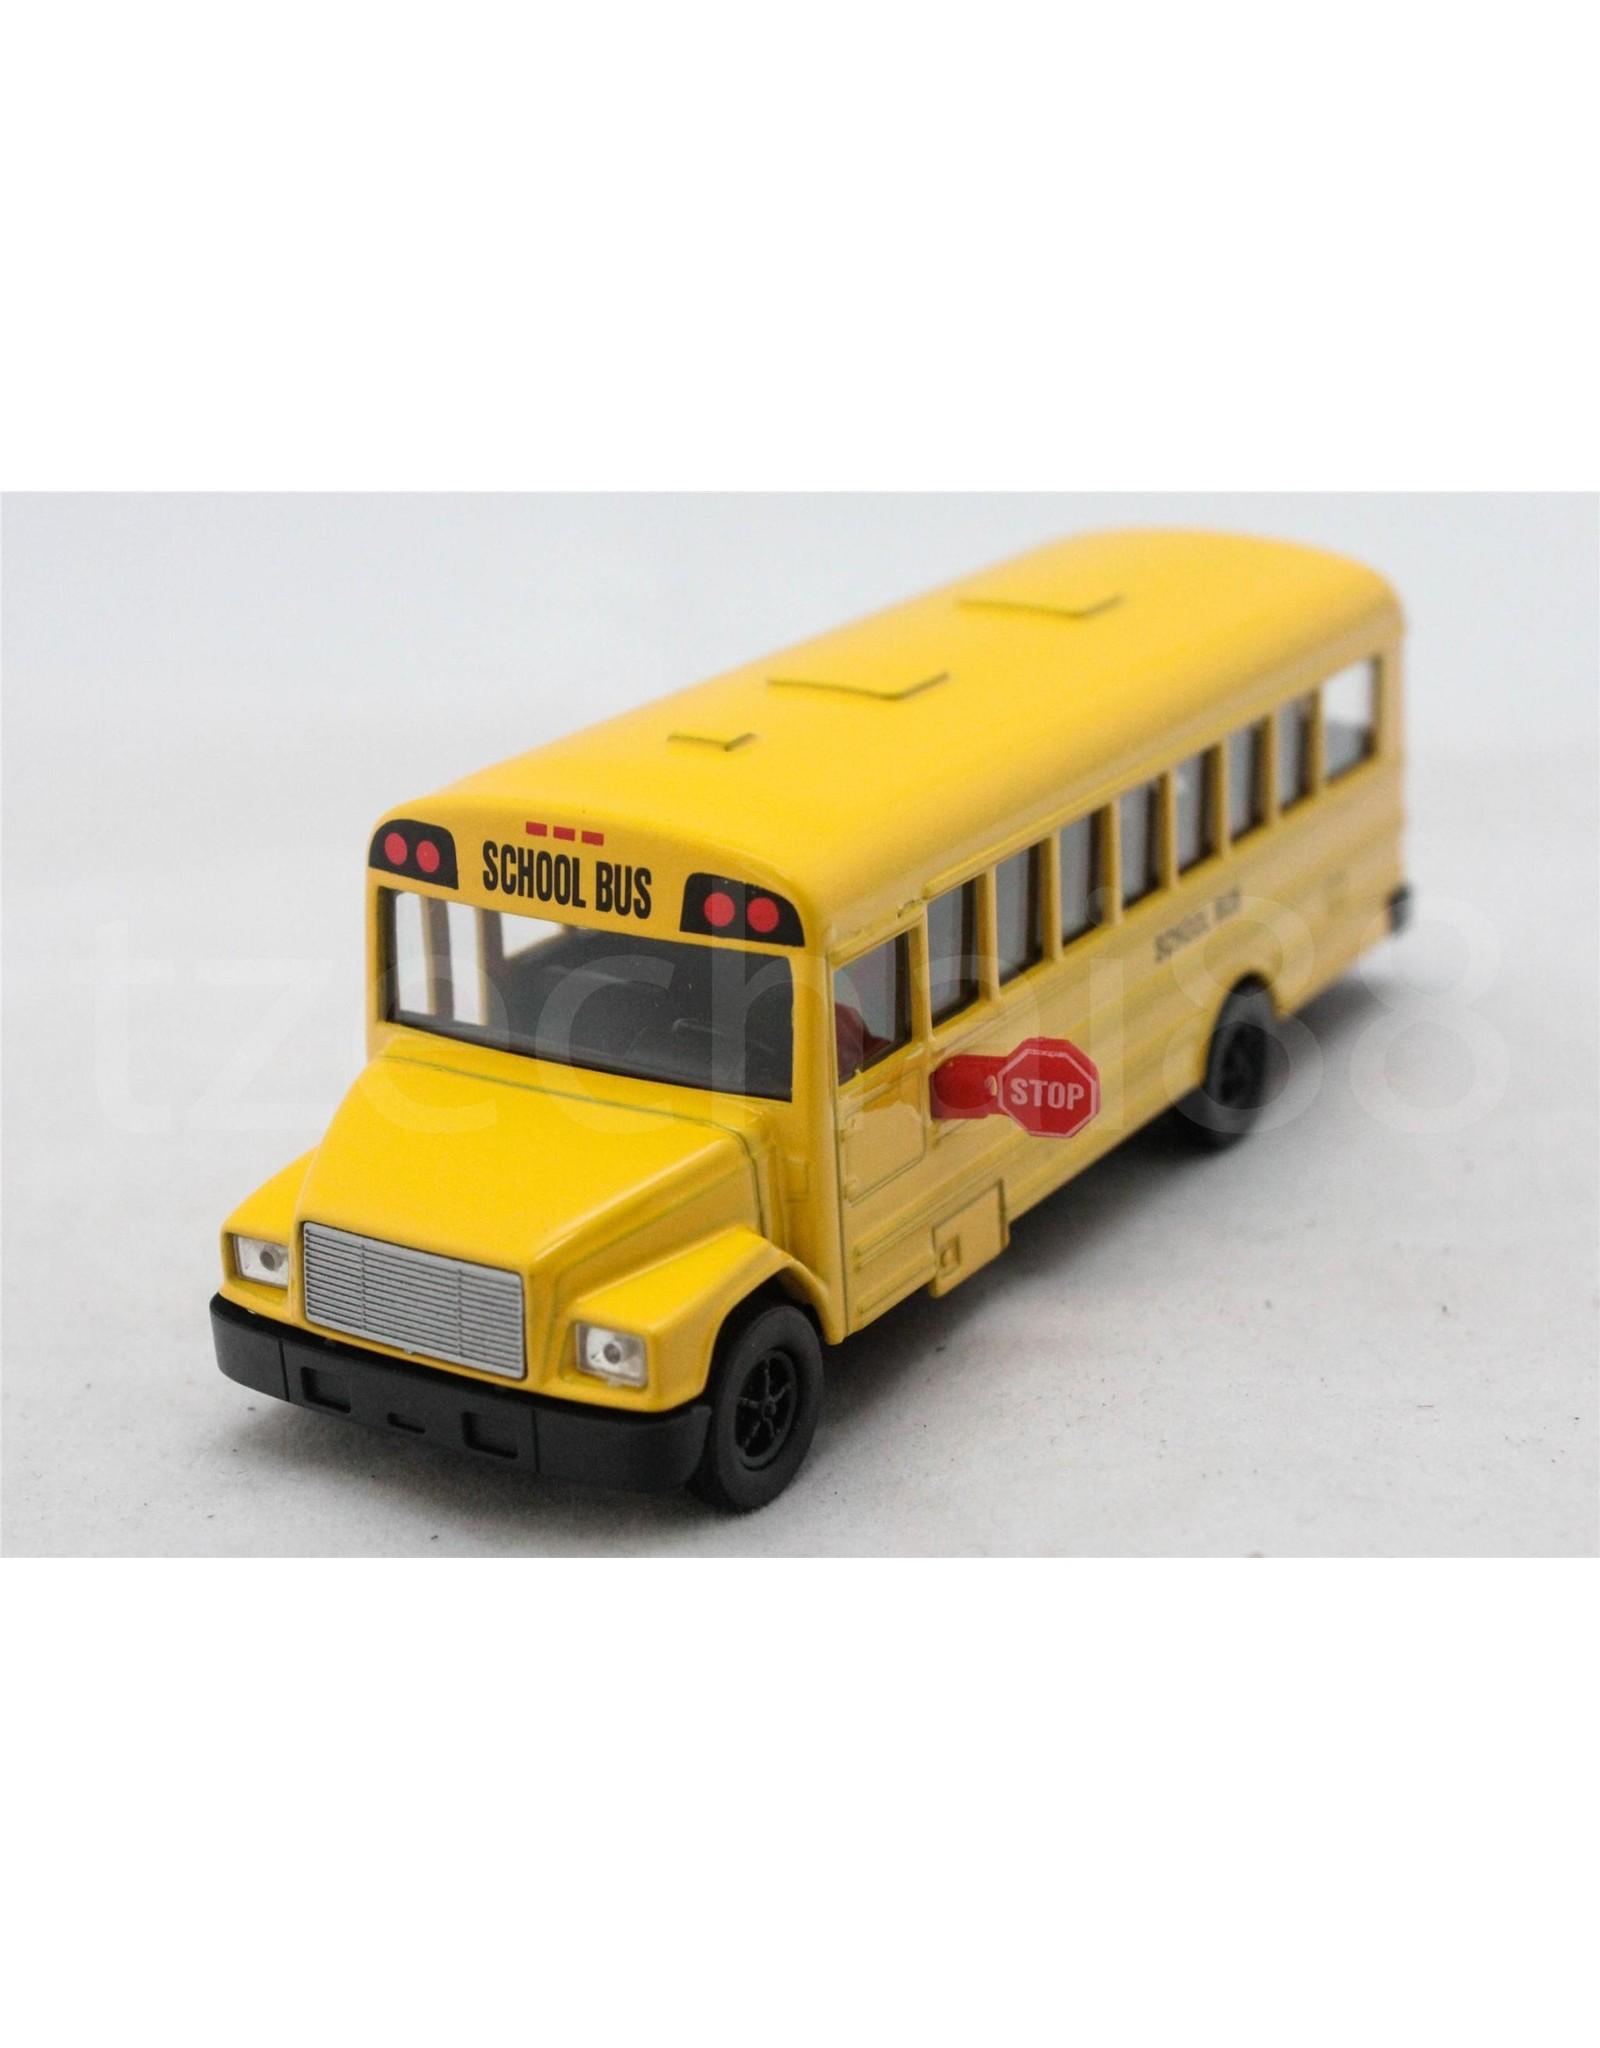 School Bus Die-Cast